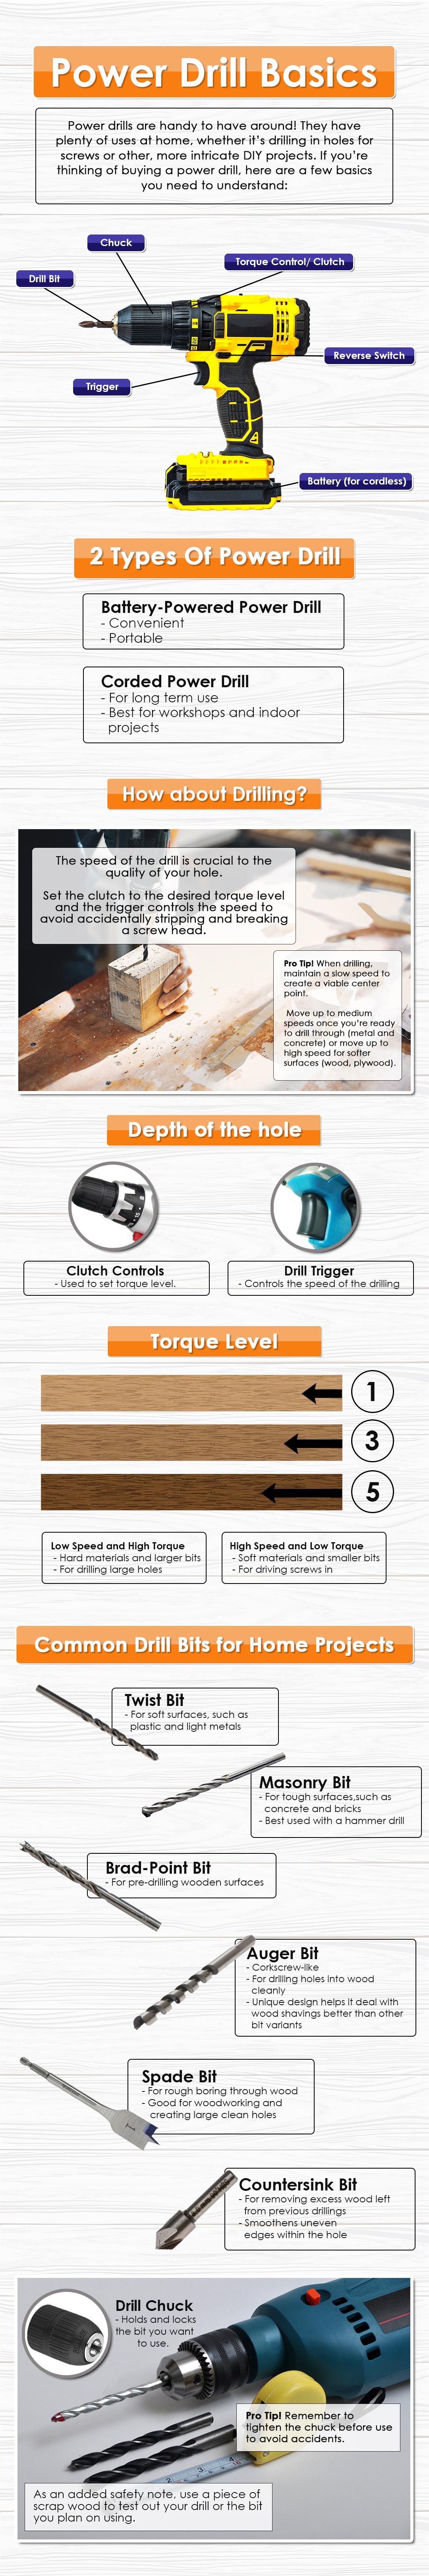 Power Drill Basics V2.jpg